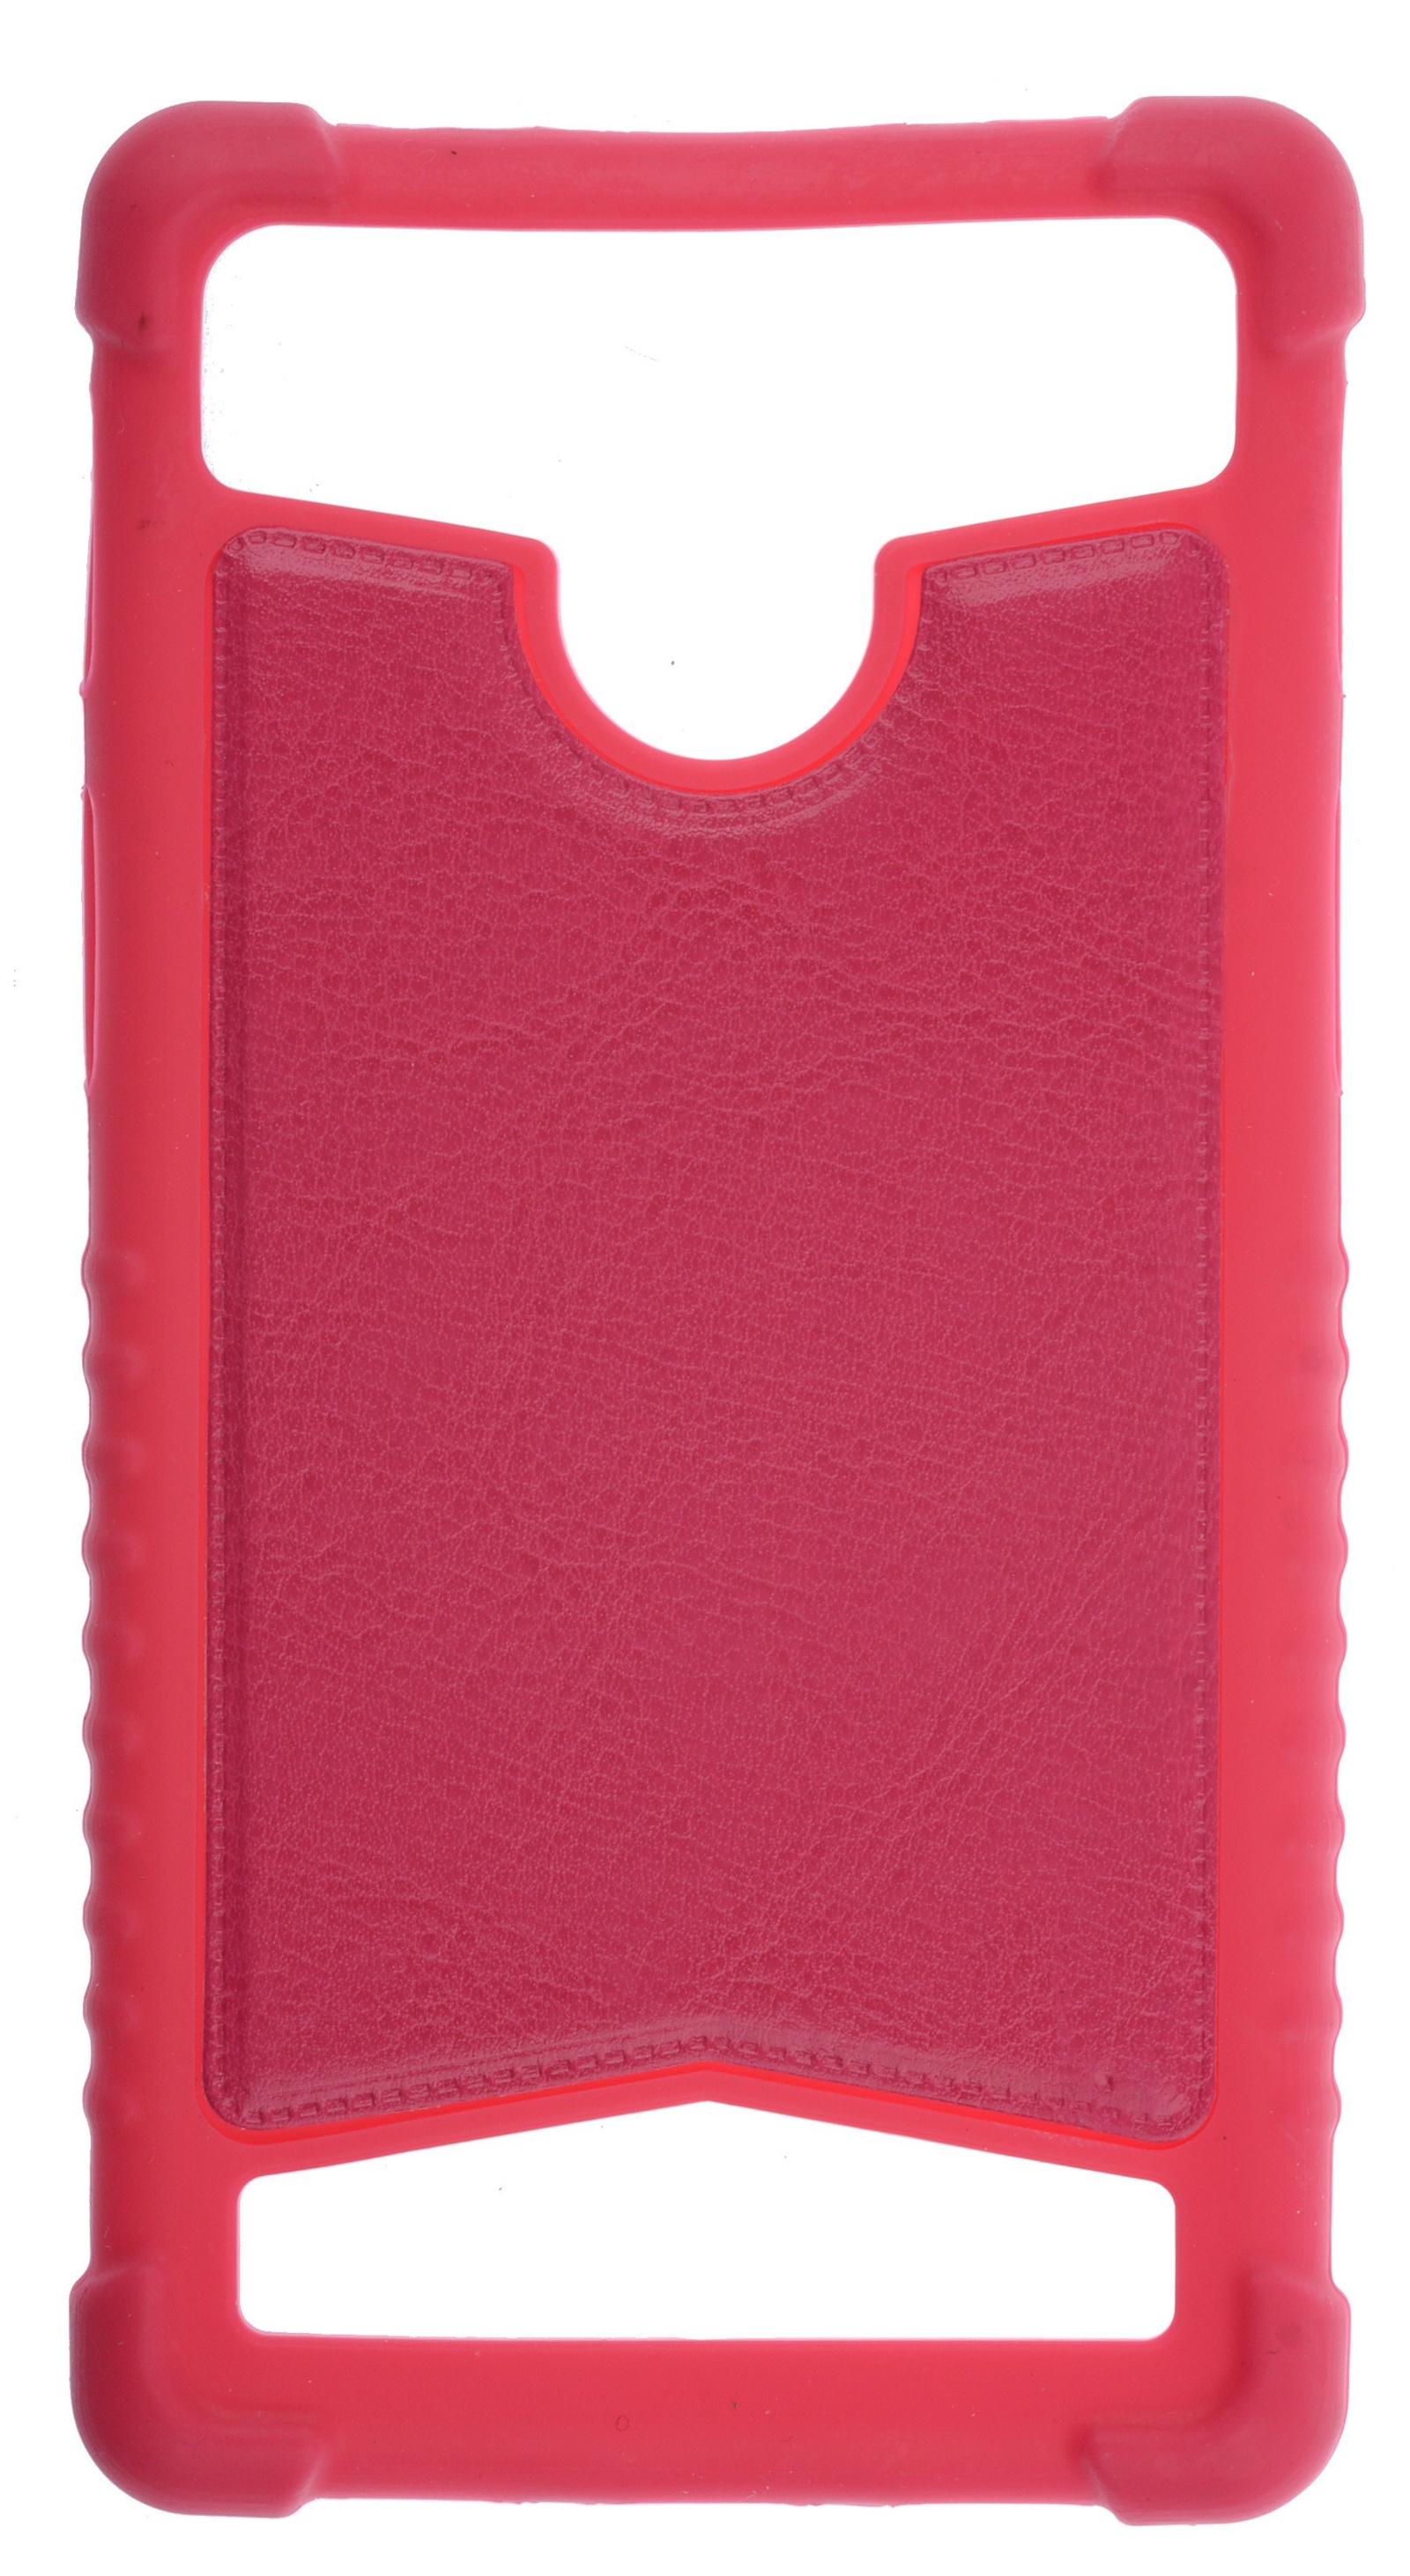 Чехол для сотового телефона skinBOX Universal 5,5, 4630042529649, красный